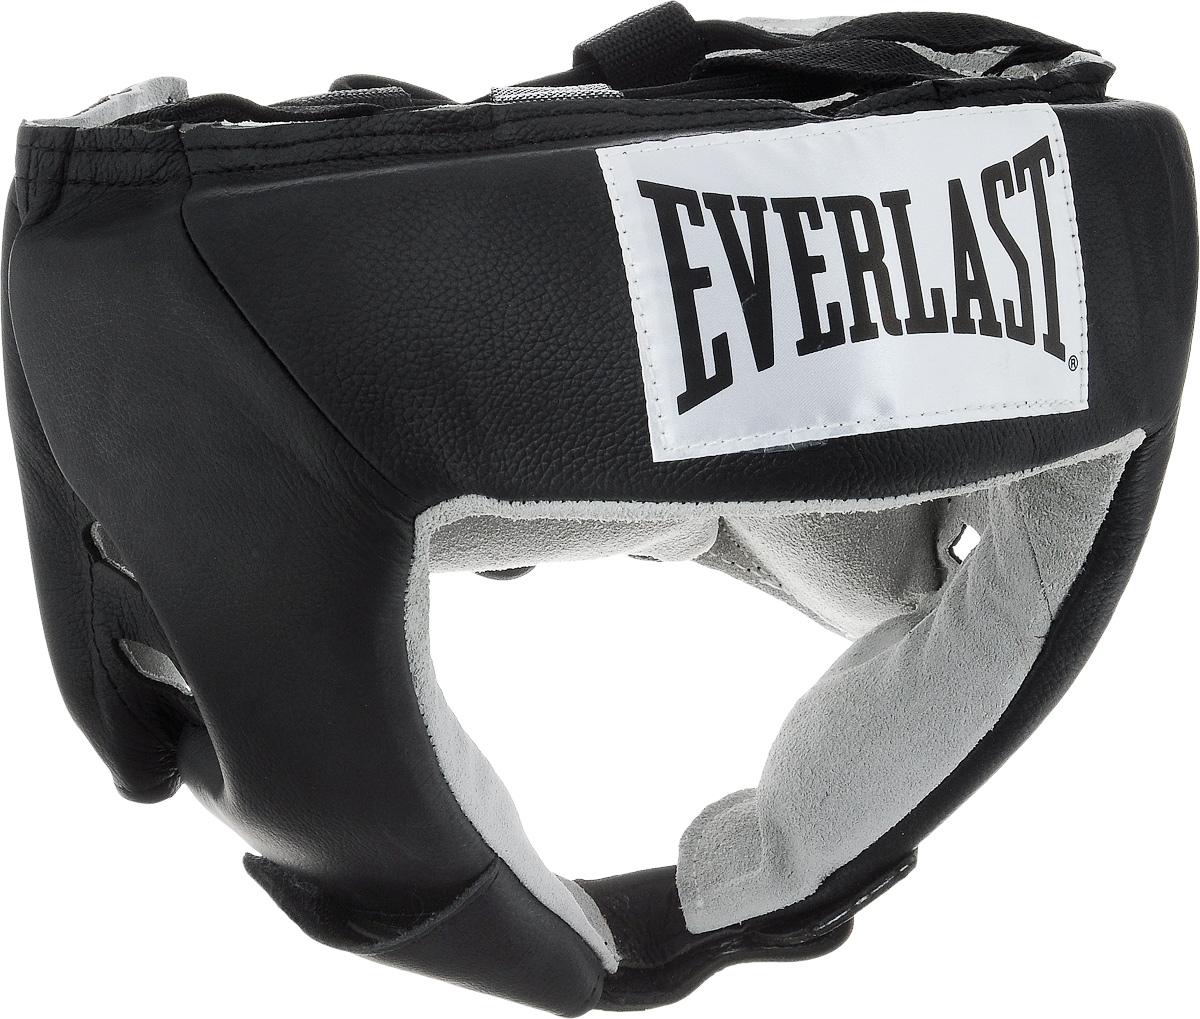 Шлем боксерский Everlast USA Boxing, цвет: черный, белый. Размер XLadiTS01-WH/RD-BKEverlast USA Boxing - боксерский шлем, разработанный для выступления на любительских соревнованиях и одобренный ассоциацией USA Boxing. Плотный четырехслойный пенный наполнитель превосходно амортизирует удары и значительно снижает риск травмы. Качественная натуральная кожа (снаружи) и не менее качественная замша (внутри) обеспечивают значительный запас прочности и отличную износоустойчивость. Подгонка под необходимый размер и фиксация на голове происходят за счет затягивающихся шнурков.Если вы еще ищите шлем для предстоящих соревнований, то Everlast USA Boxing - это ваш выбор!Диаметр головы: 21 см.